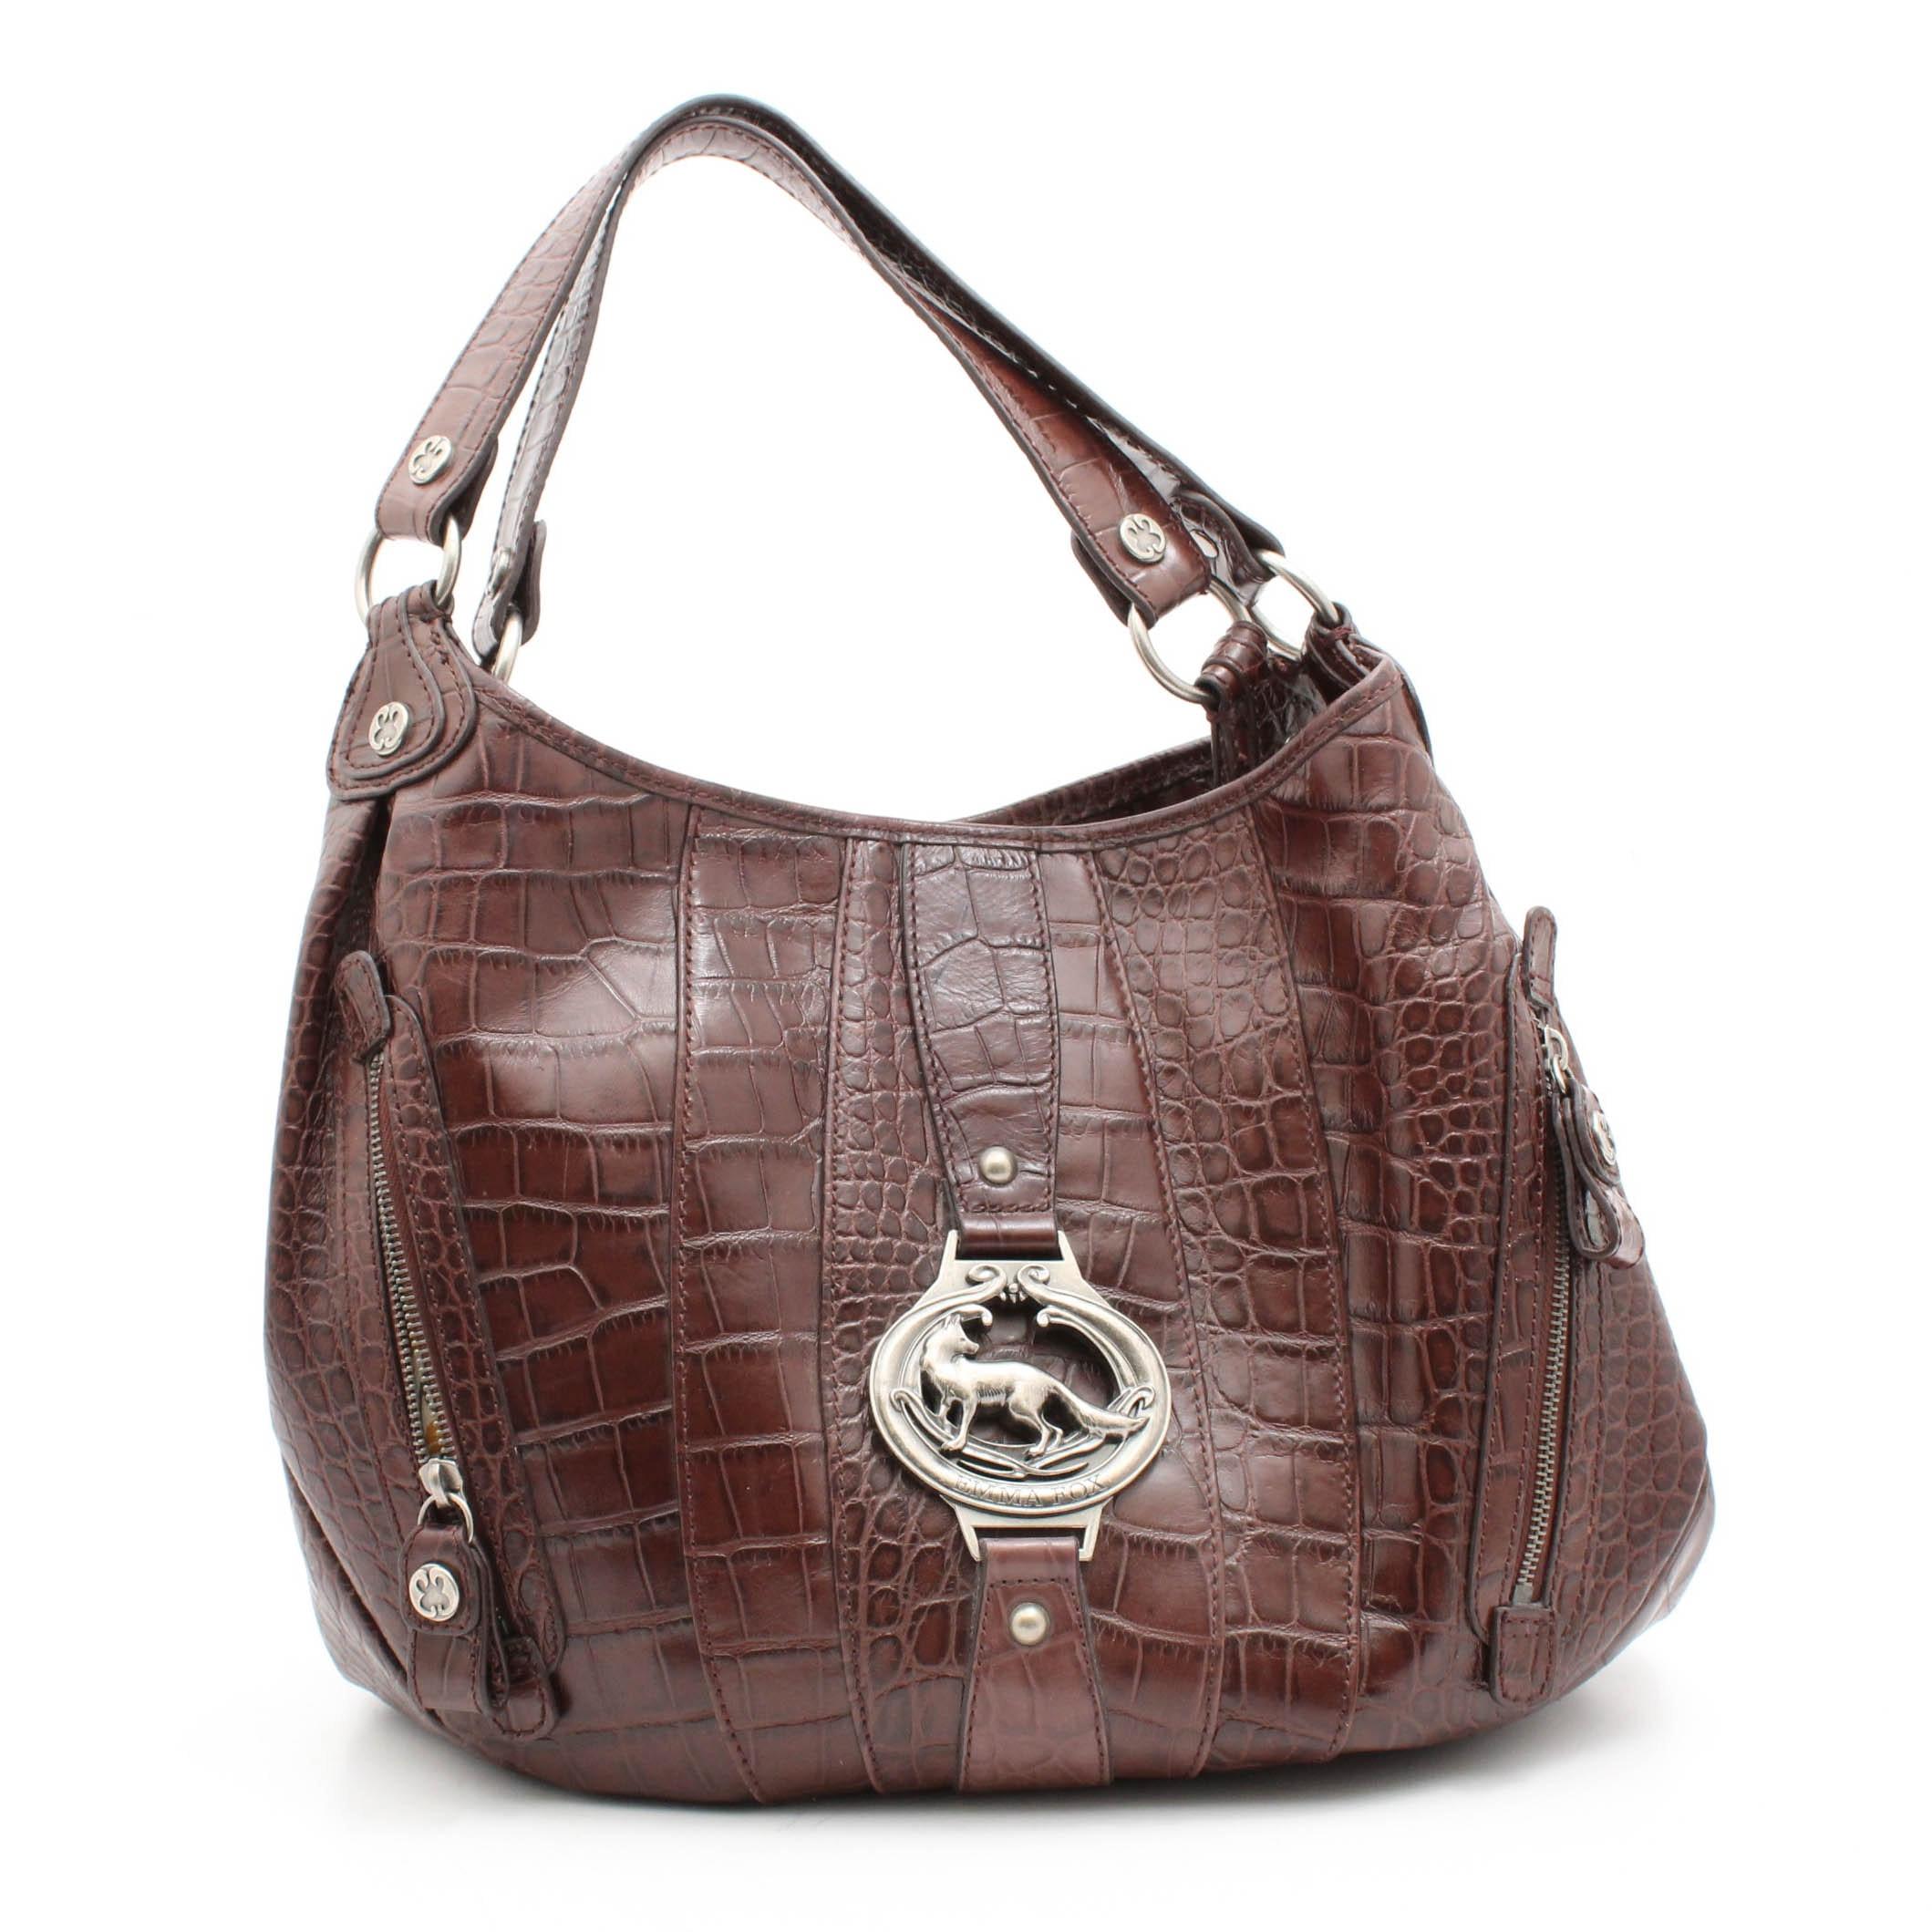 Emma Fox Croc Embossed Brown Leather Shoulder Bag